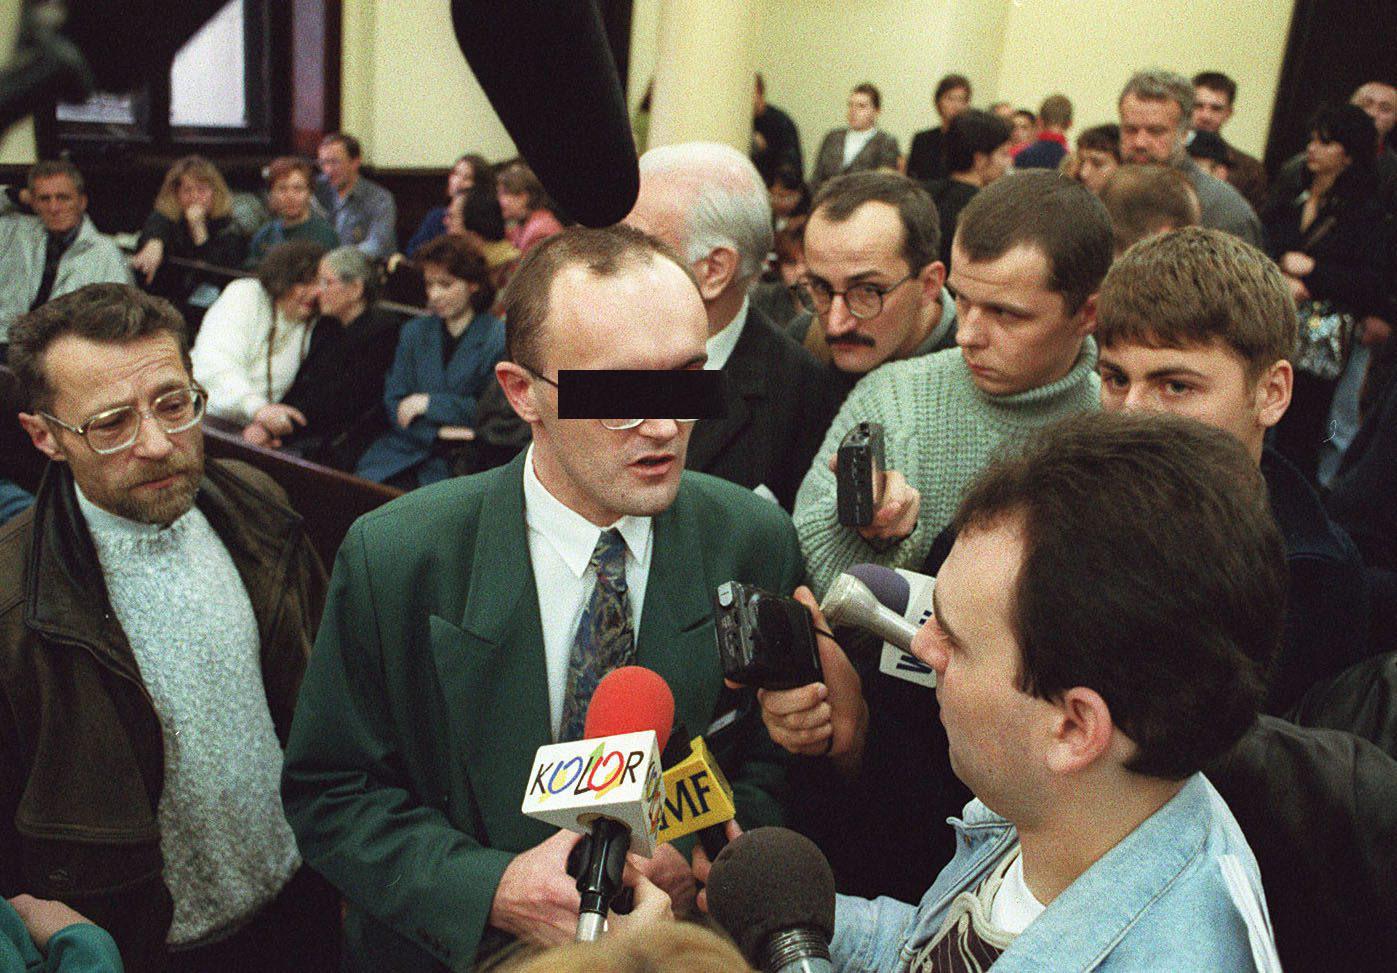 Krzysztof O. podczas procesu maturzystów (fot. Arkadiusz Ścichocki / Agencja Gazeta)